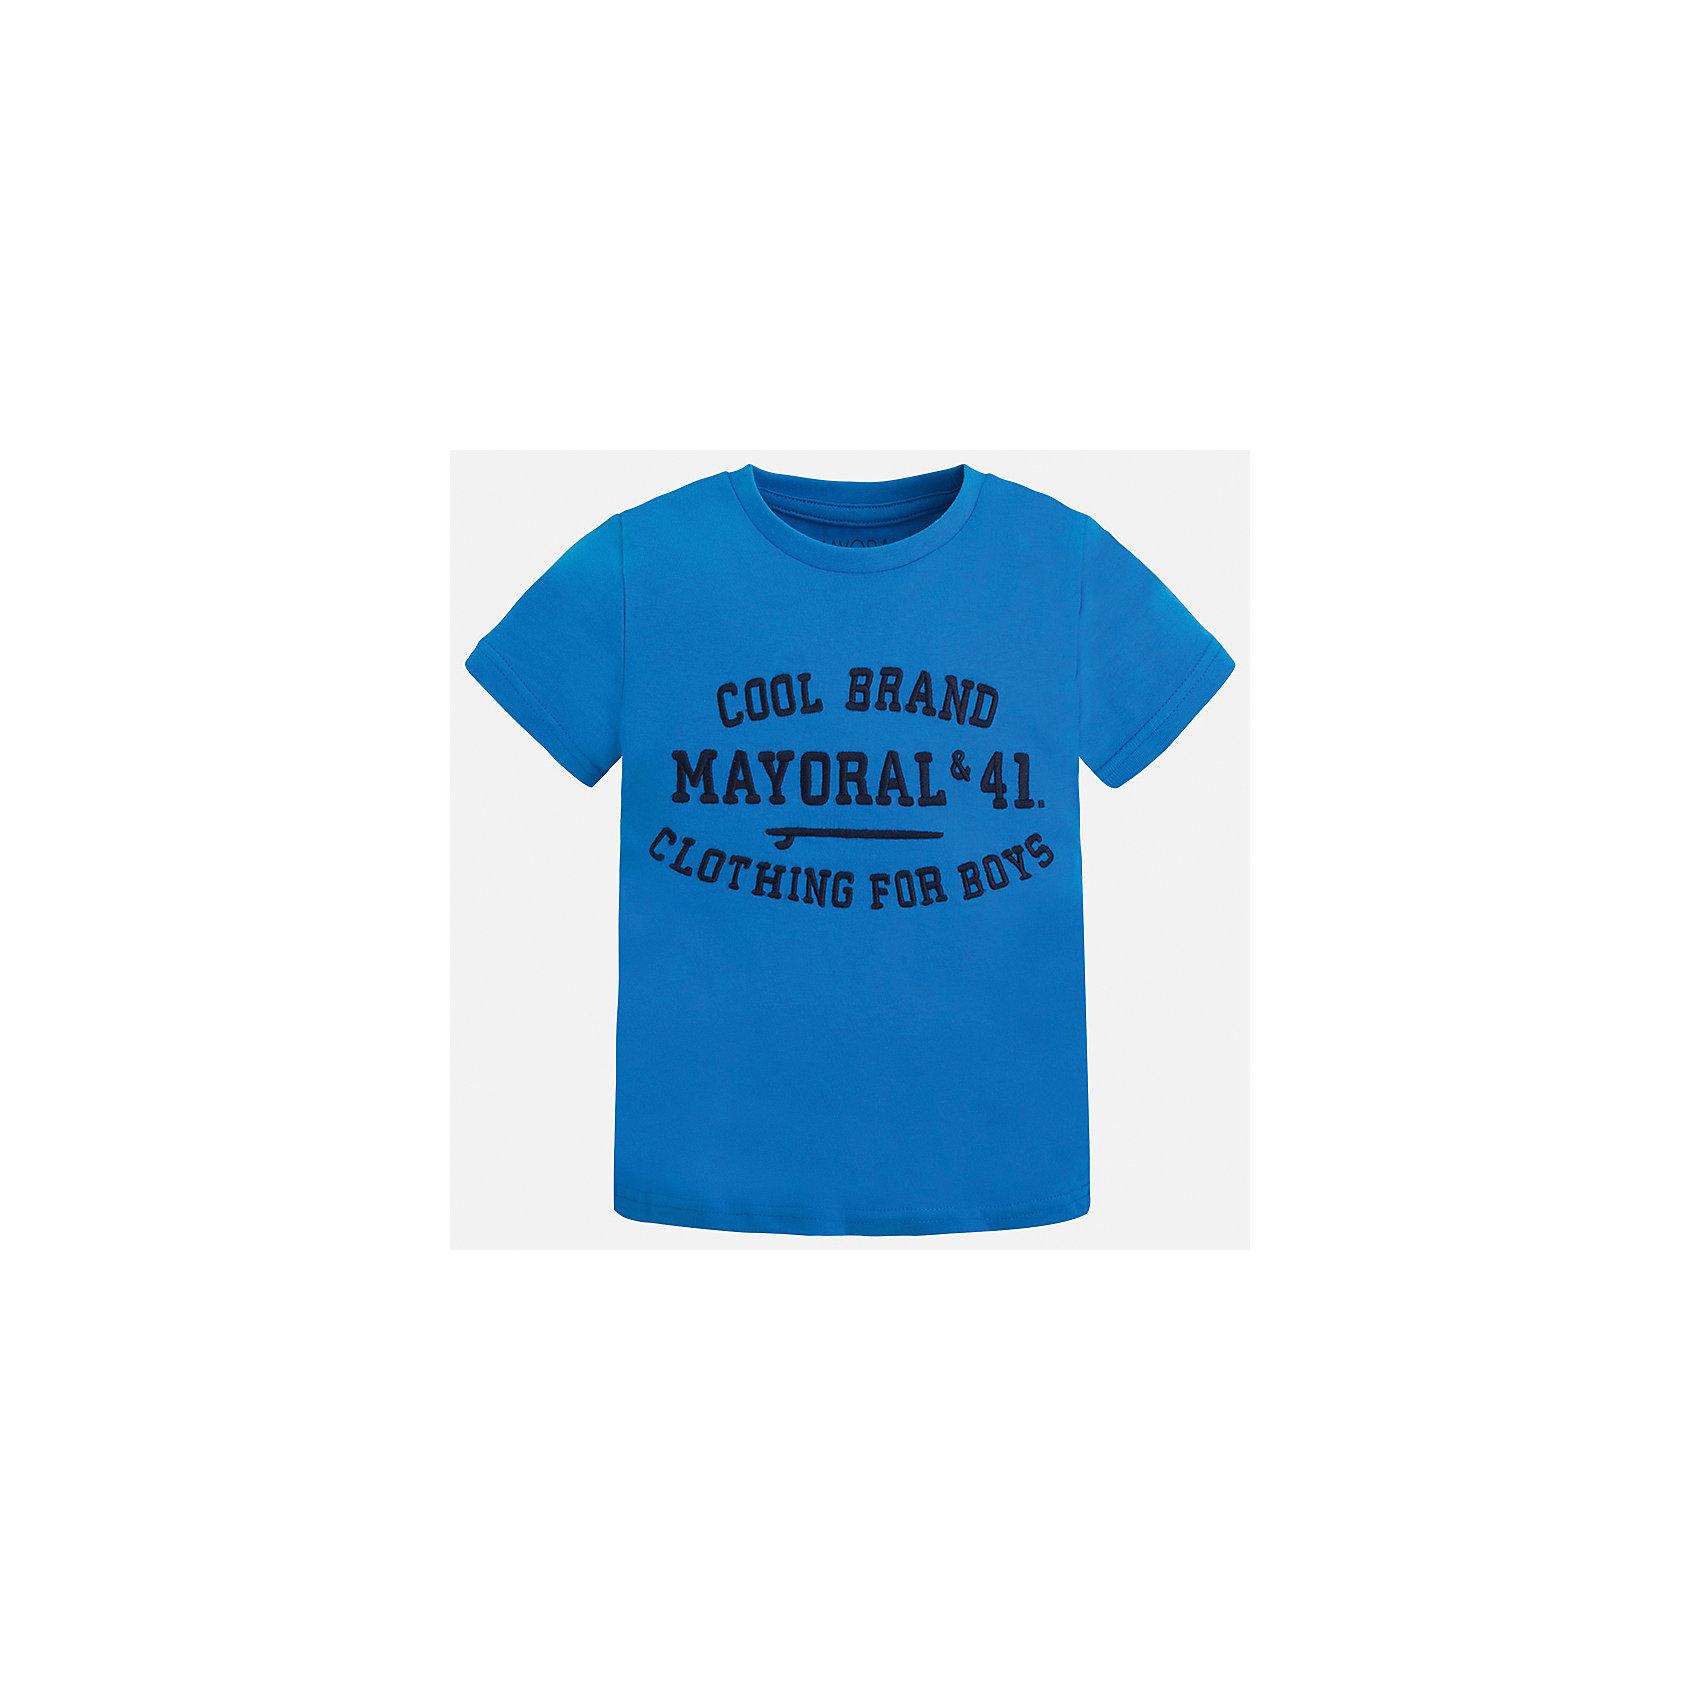 Футболка для мальчика MayoralХарактеристики товара:<br><br>• цвет: зеленый<br>• состав: 100% хлопок<br>• круглый горловой вырез<br>• принт впереди<br>• короткие рукава<br>• страна бренда: Испания<br><br>Стильная футболка с принтом поможет разнообразить гардероб мальчика. Она отлично сочетается с брюками, шортами, джинсами и т.д. Универсальный крой и цвет позволяет подобрать к вещи низ разных расцветок. Практичное и стильное изделие! В составе материала - только натуральный хлопок, гипоаллергенный, приятный на ощупь, дышащий.<br><br>Одежда, обувь и аксессуары от испанского бренда Mayoral полюбились детям и взрослым по всему миру. Модели этой марки - стильные и удобные. Для их производства используются только безопасные, качественные материалы и фурнитура. Порадуйте ребенка модными и красивыми вещами от Mayoral! <br><br>Футболку для мальчика от испанского бренда Mayoral (Майорал) можно купить в нашем интернет-магазине.<br><br>Ширина мм: 199<br>Глубина мм: 10<br>Высота мм: 161<br>Вес г: 151<br>Цвет: зеленый<br>Возраст от месяцев: 24<br>Возраст до месяцев: 36<br>Пол: Мужской<br>Возраст: Детский<br>Размер: 98,92,134,104,128,122,116,110<br>SKU: 3516067